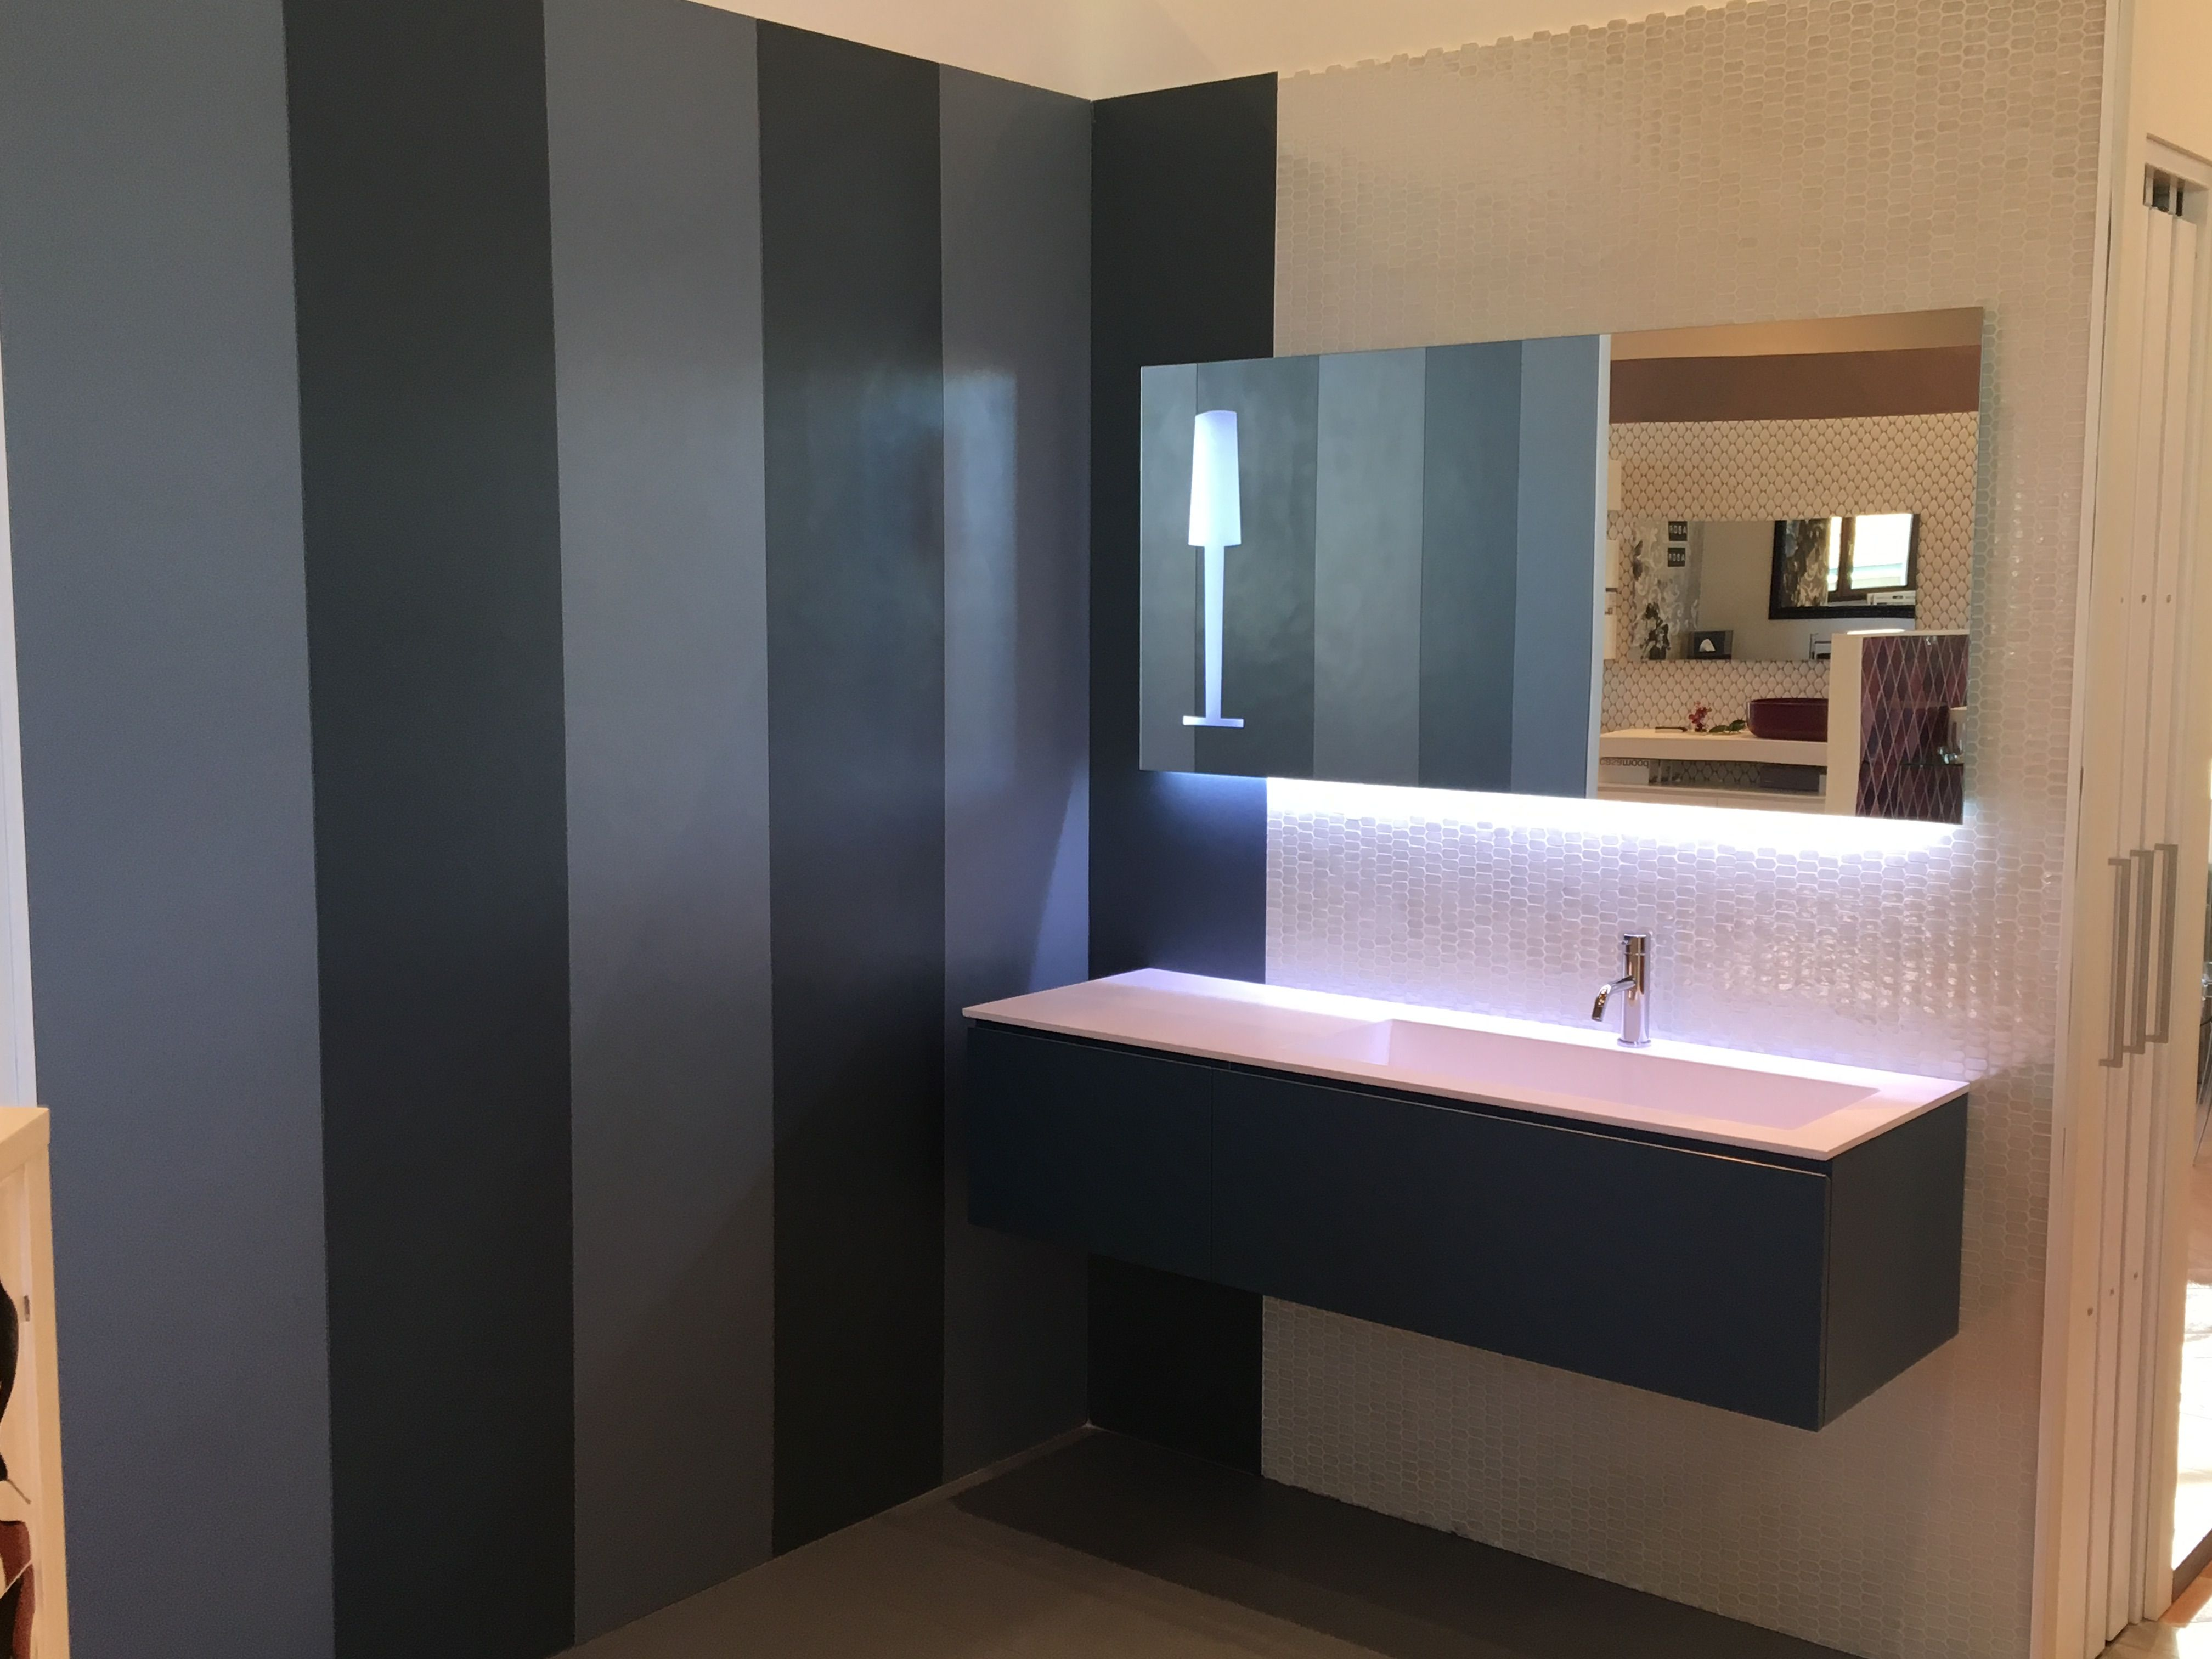 Progettare Il Bagno Di Casa : Tda collezione precious serie ad sospesa h.35cm con lavabo